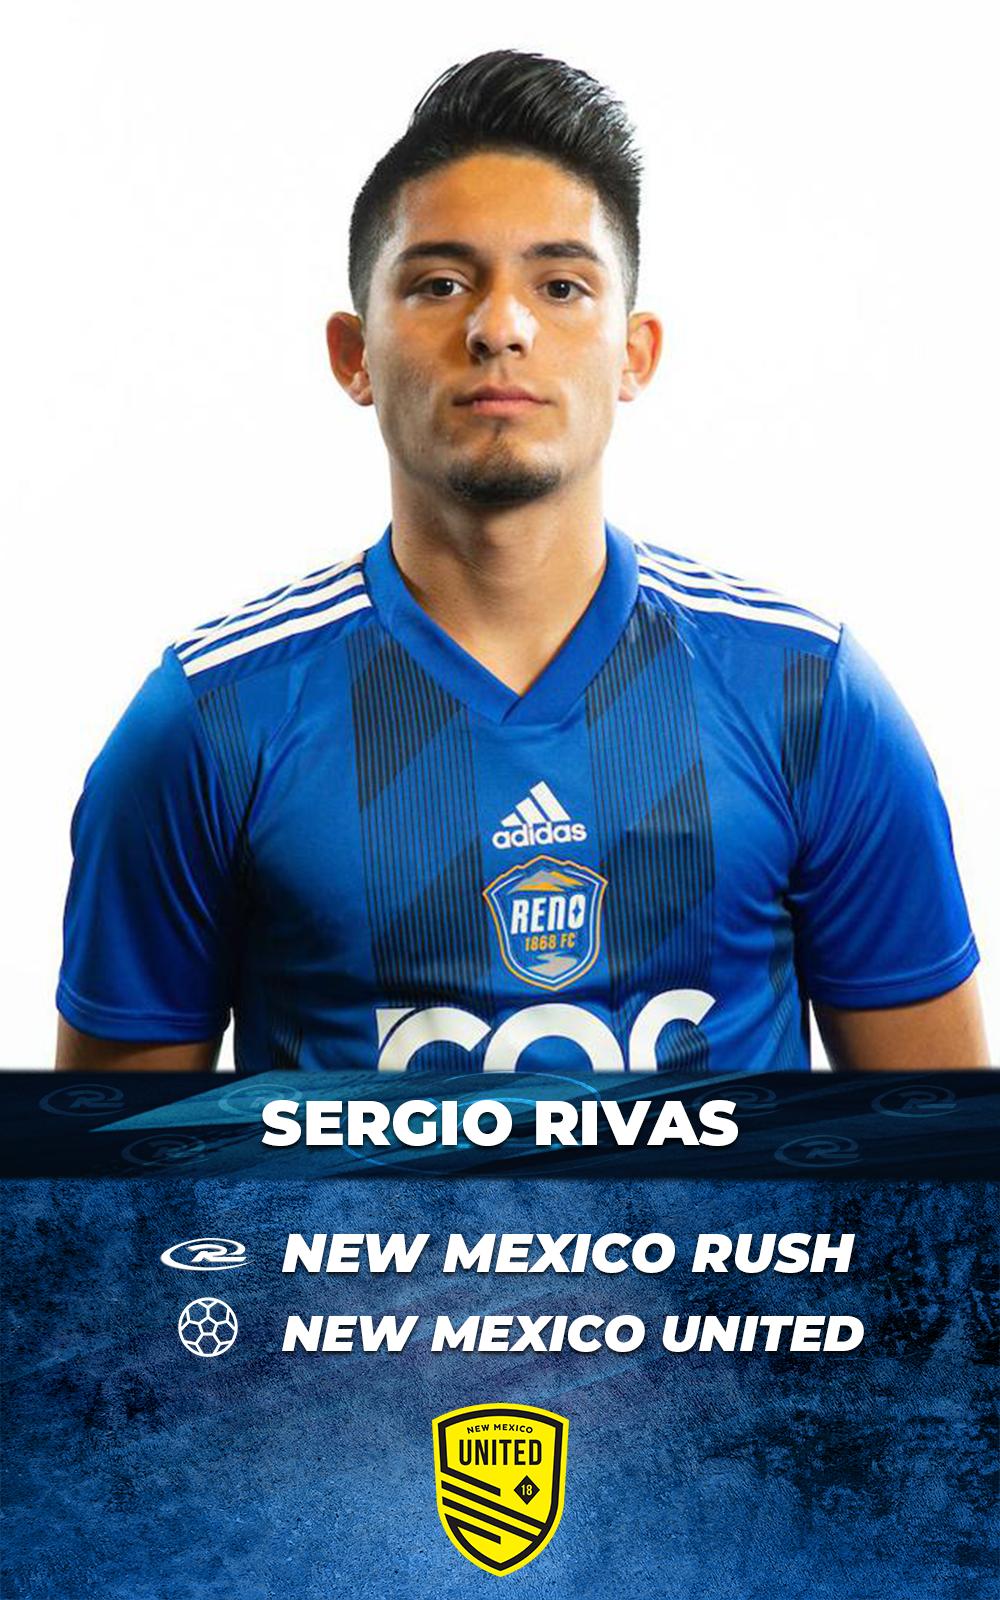 Sergio-R